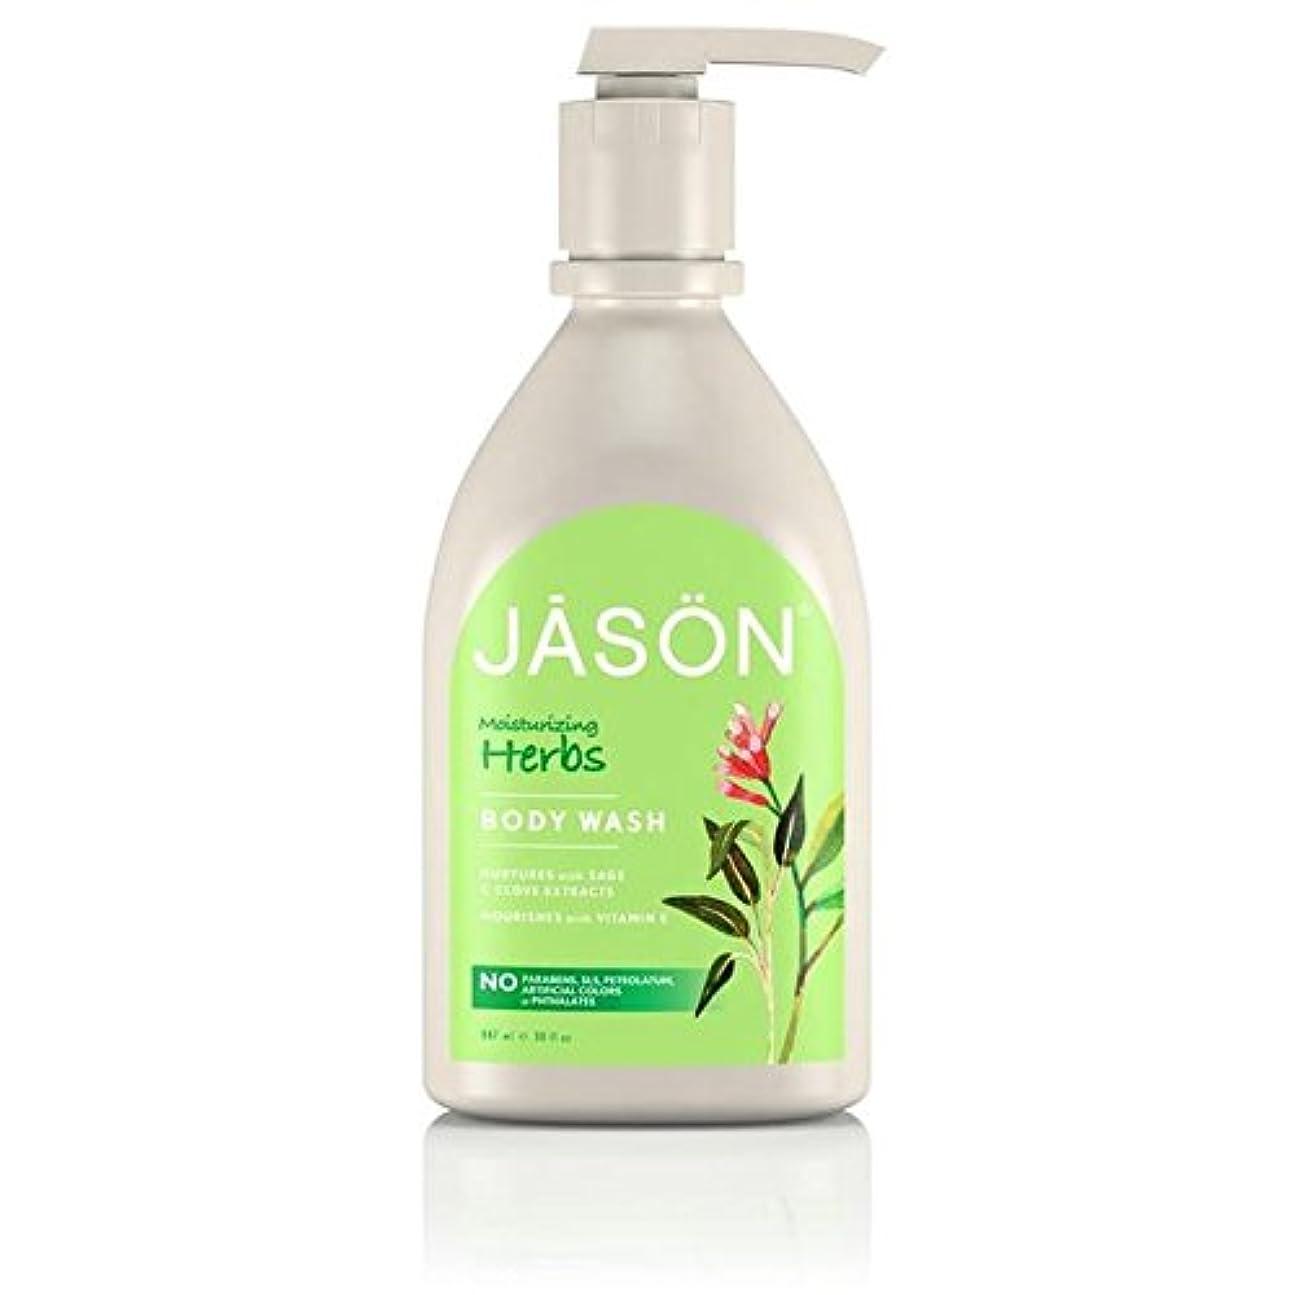 あいにく口実枕Jason Herbal Satin Body Wash Pump 900ml - ジェイソン?ハーブサテンボディウォッシュポンプ900ミリリットル [並行輸入品]